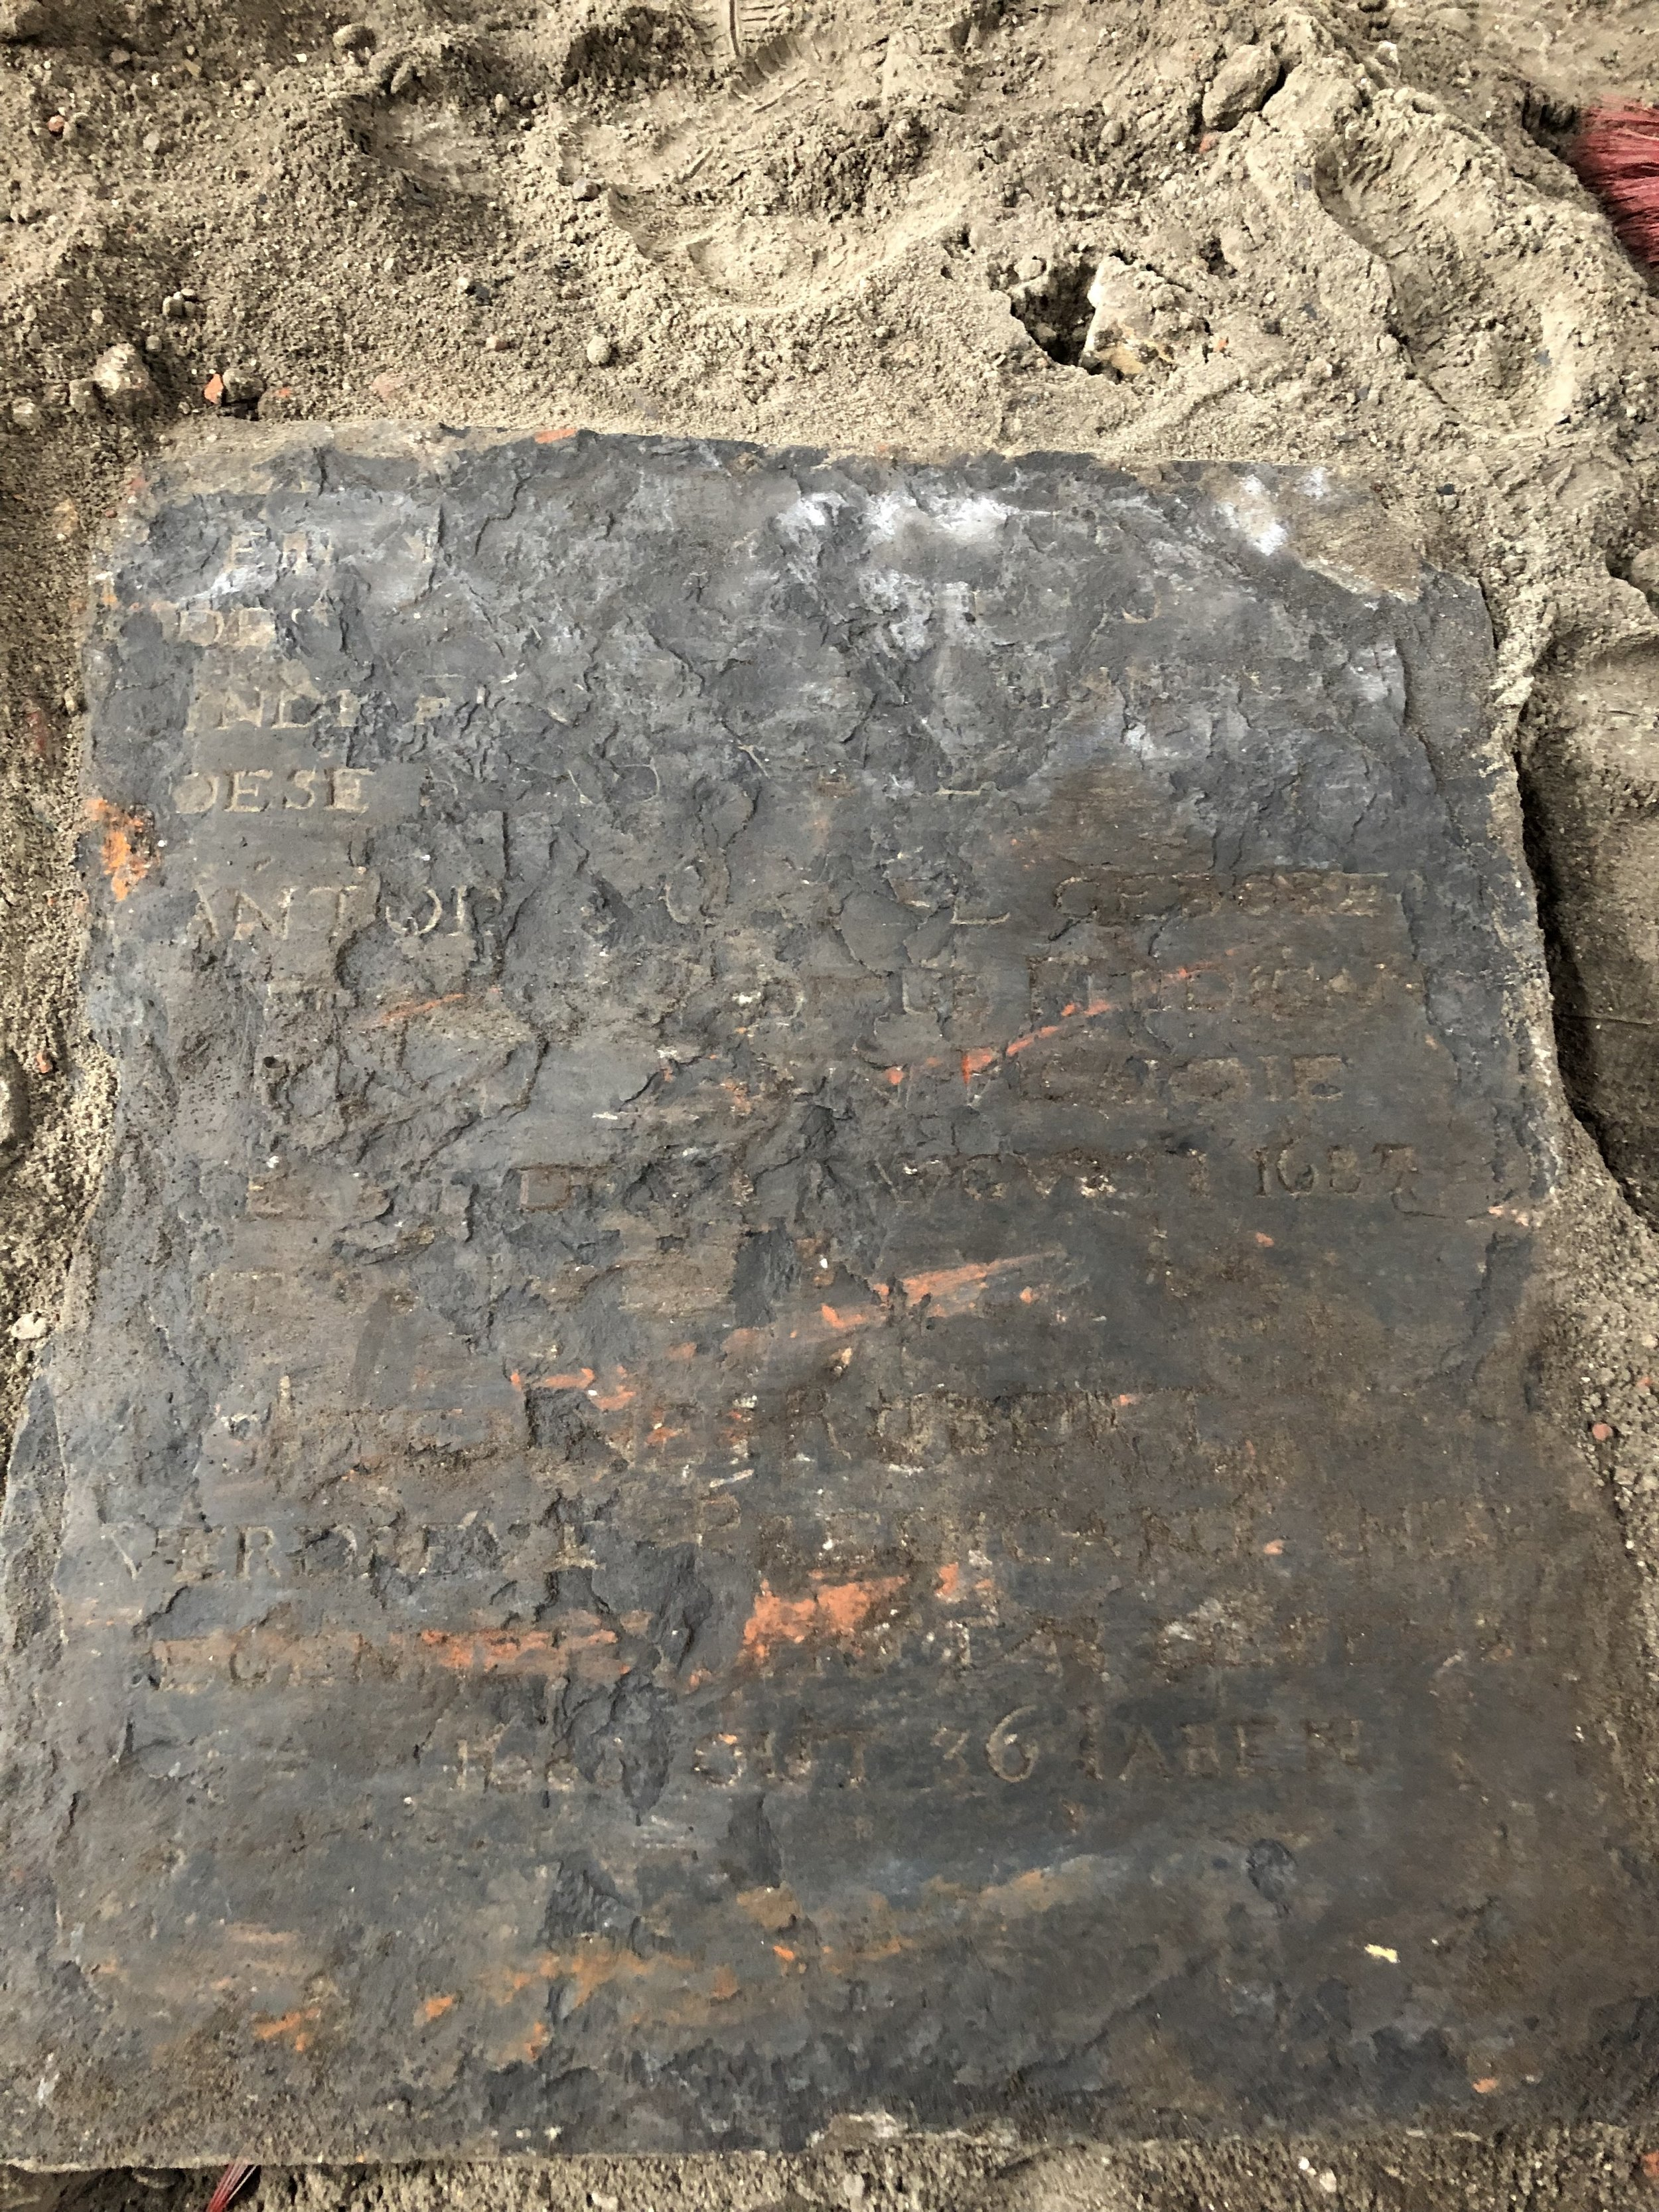 Grote Kerk Veere - Verloren grafzerk teruggevonden bij graafwerkzaamheden